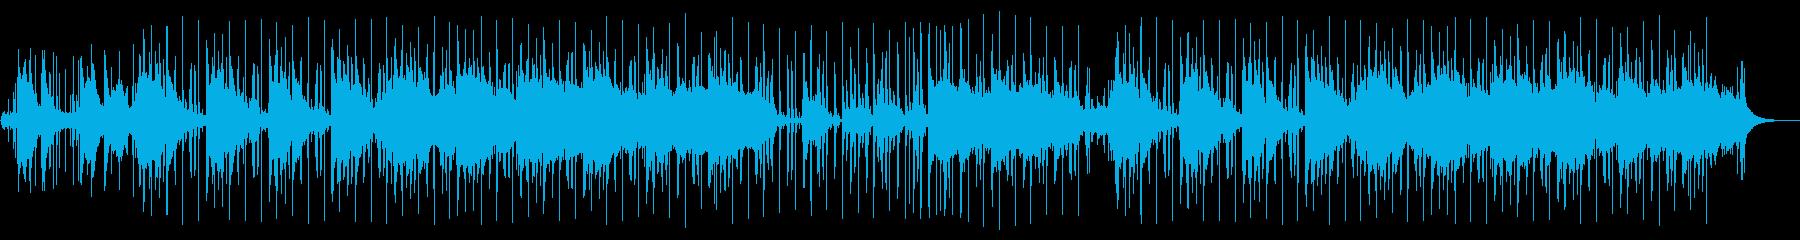 アシッドジャズ:和風リミックスの再生済みの波形